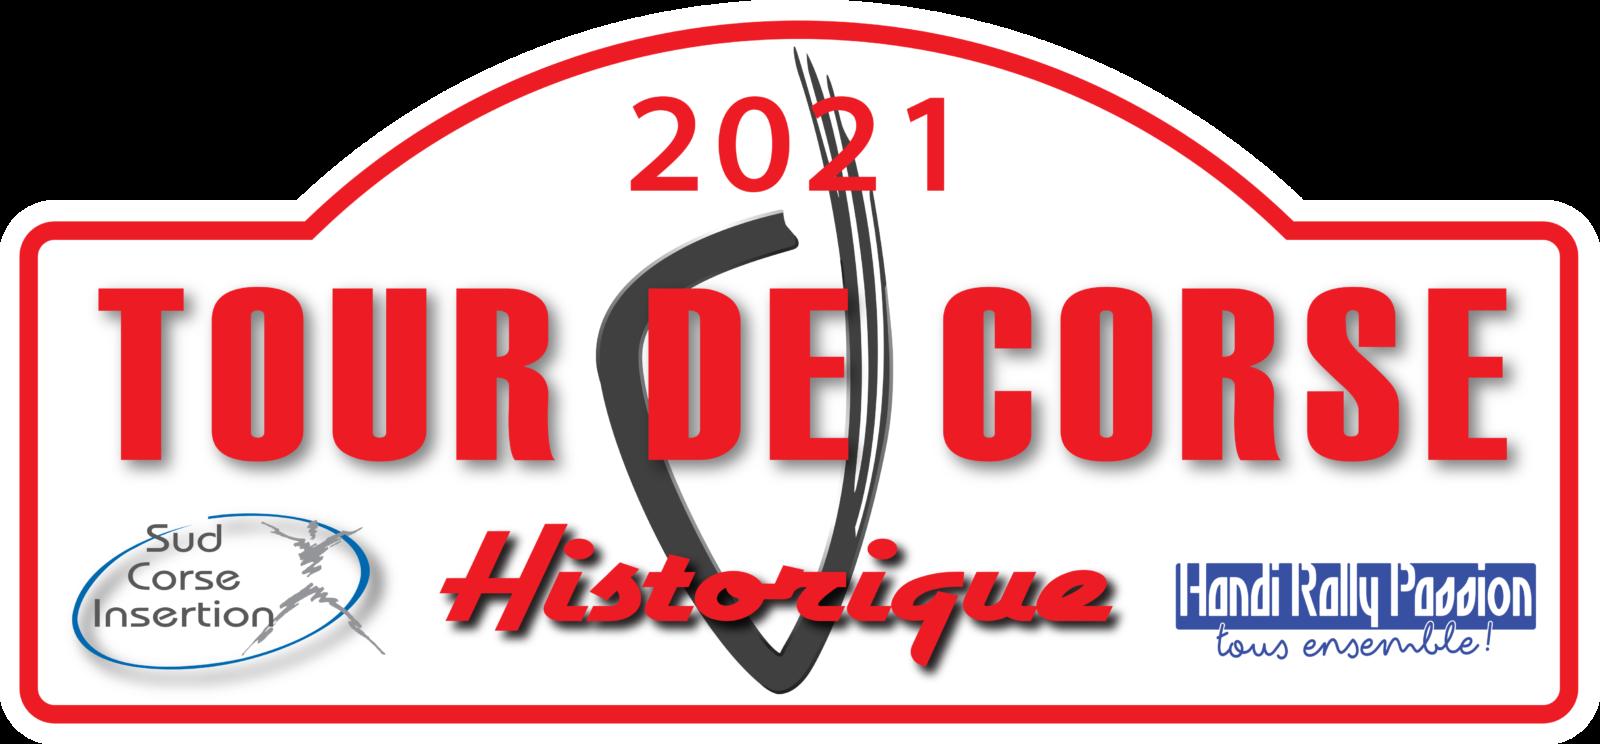 Tour de Corse historique_04 au 09 octobre 2021